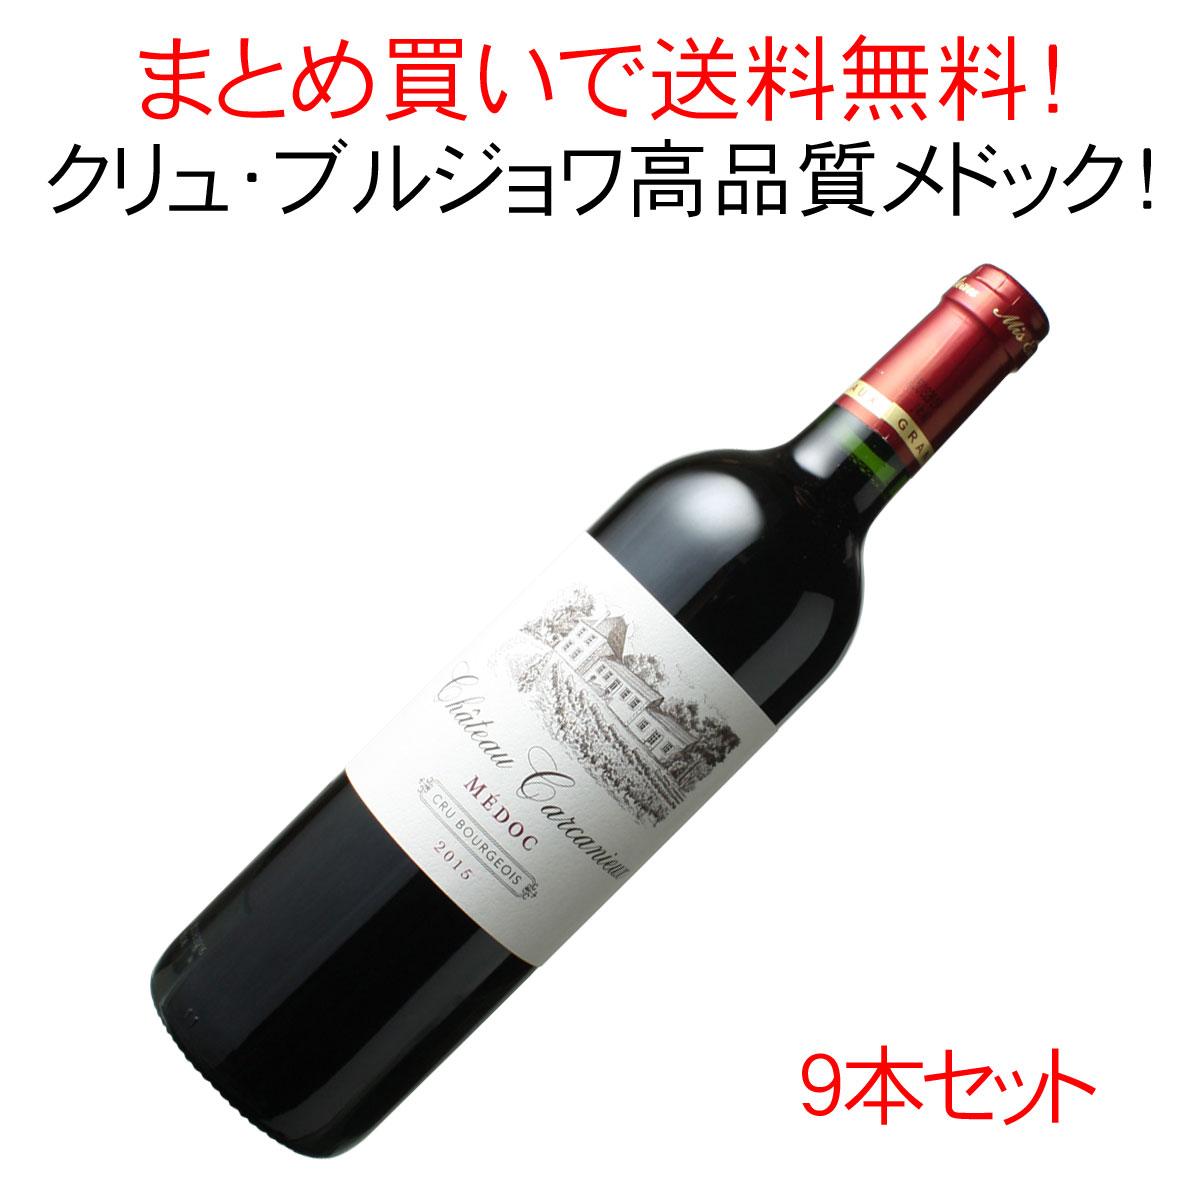 【送料無料】シャトー・カルカニュー [2015] 1ケース9本セット <ワイン/ボルドー>